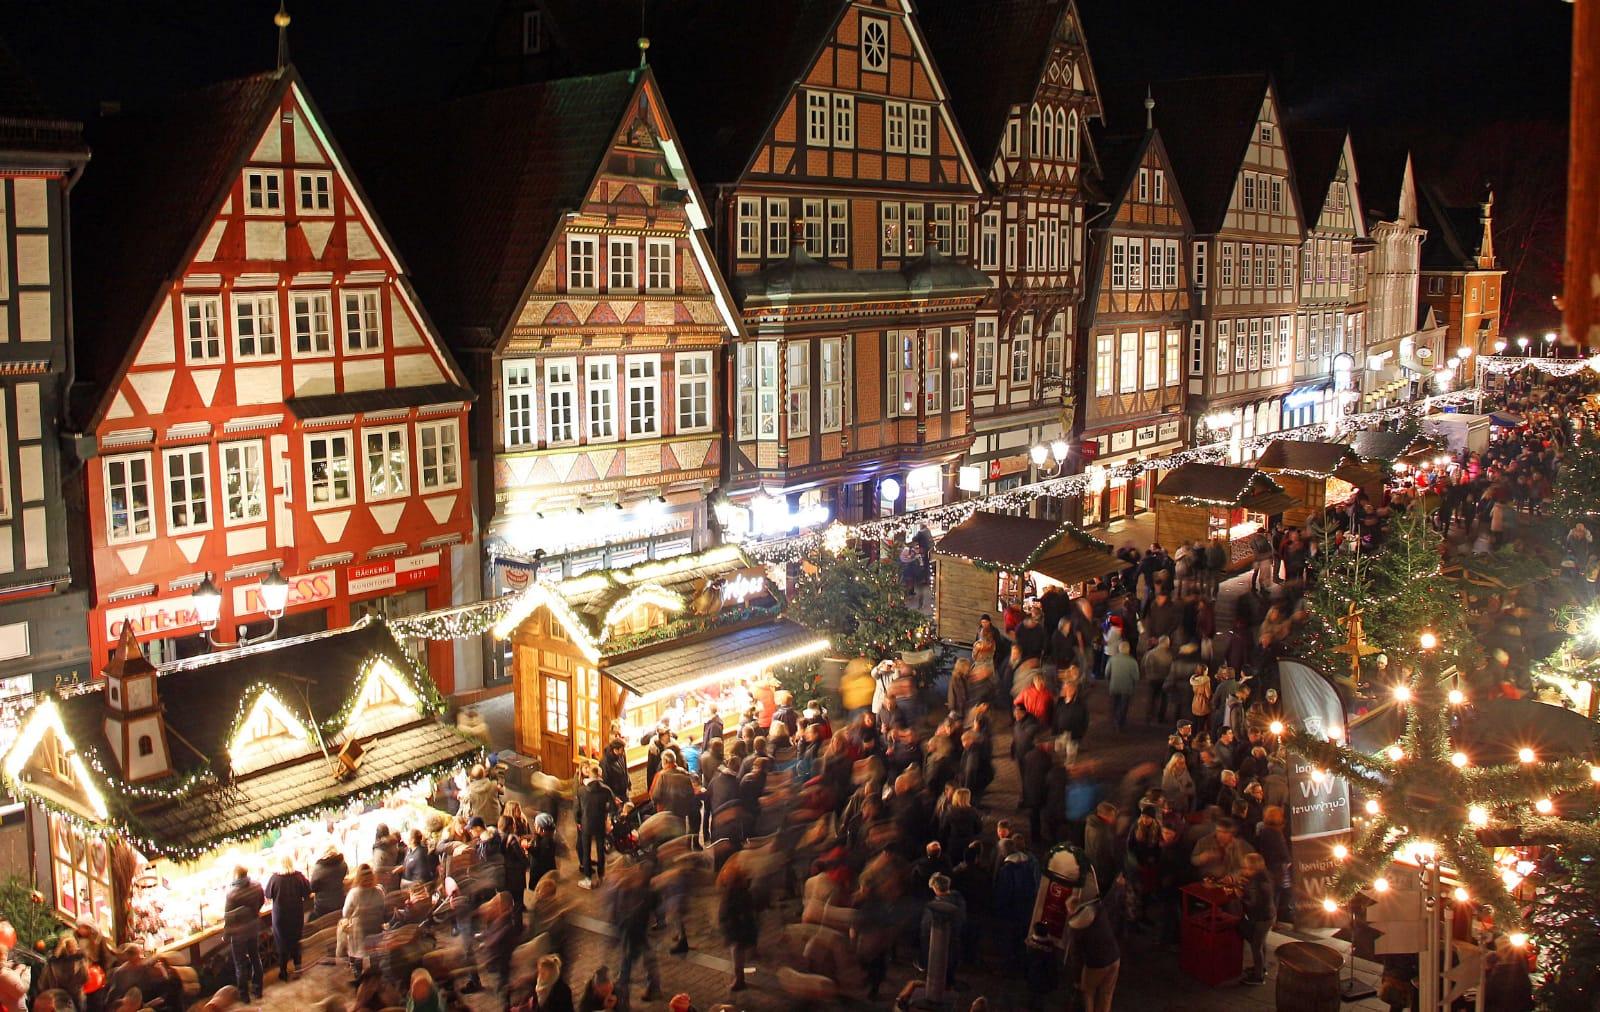 Der Weihnachtsmarkt auf der Celler Stechbahn.